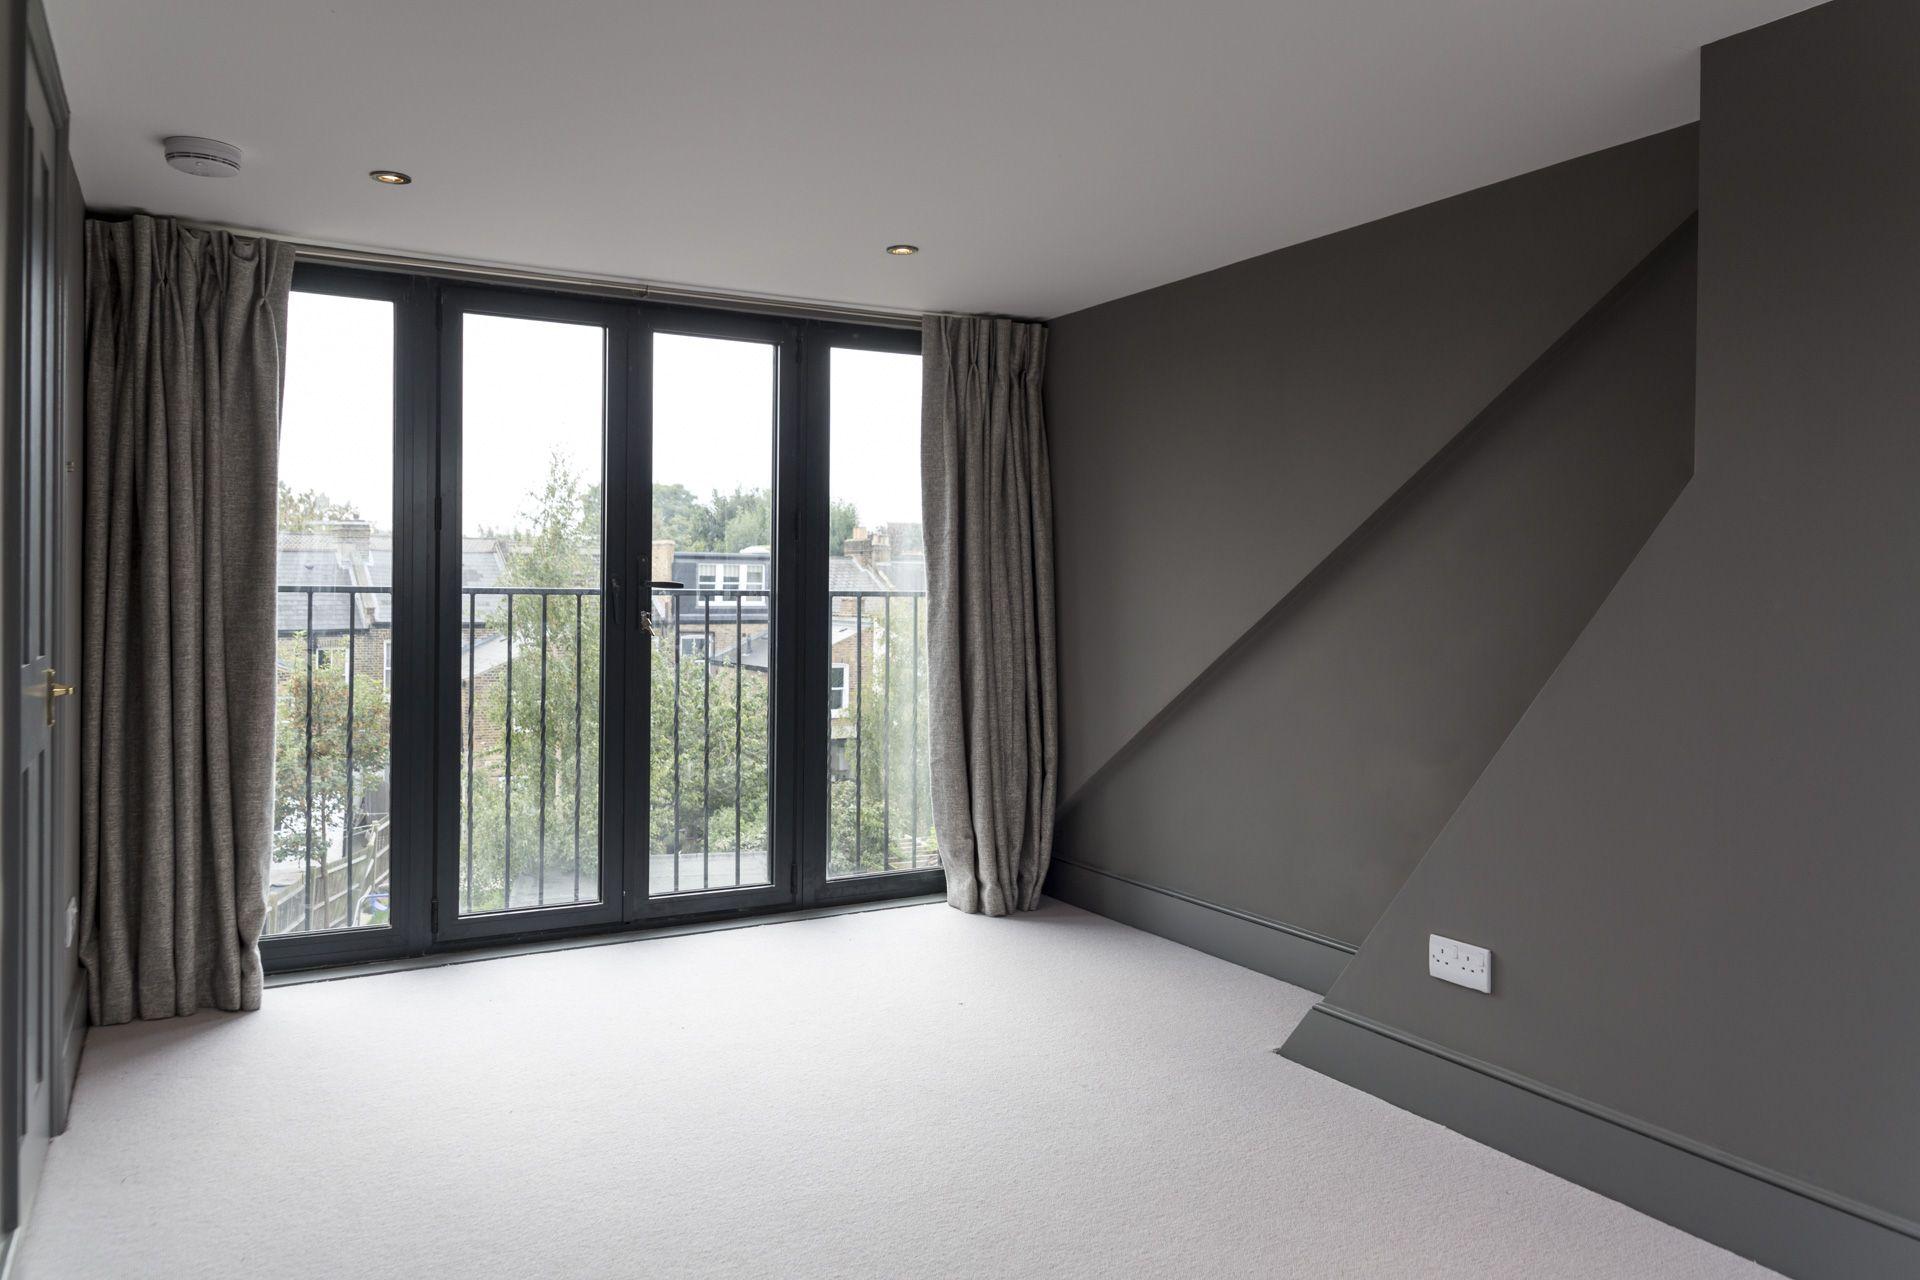 A Fantastic Rear Dormer Loft Conversion With Grey Walls For A Dramatic Modern Look Dormer Loft Conversion Loft Conversion Windows Loft Conversion